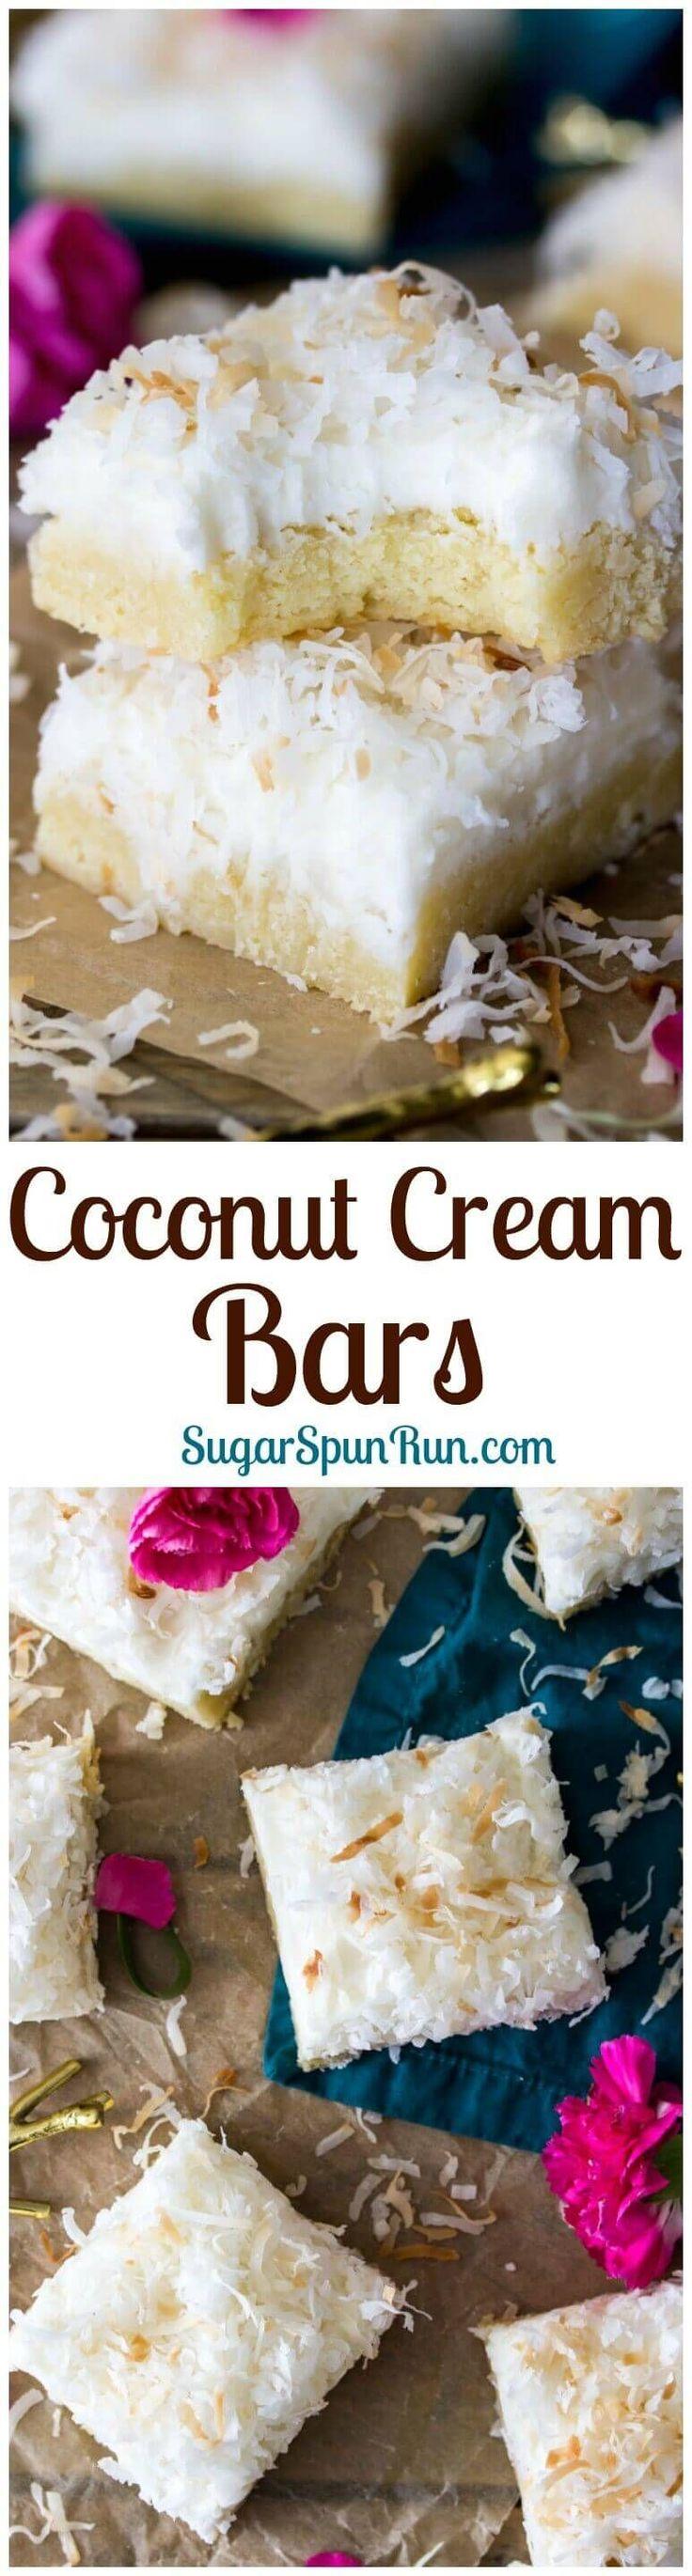 Coconut Cream Bars via @sugarspunrun